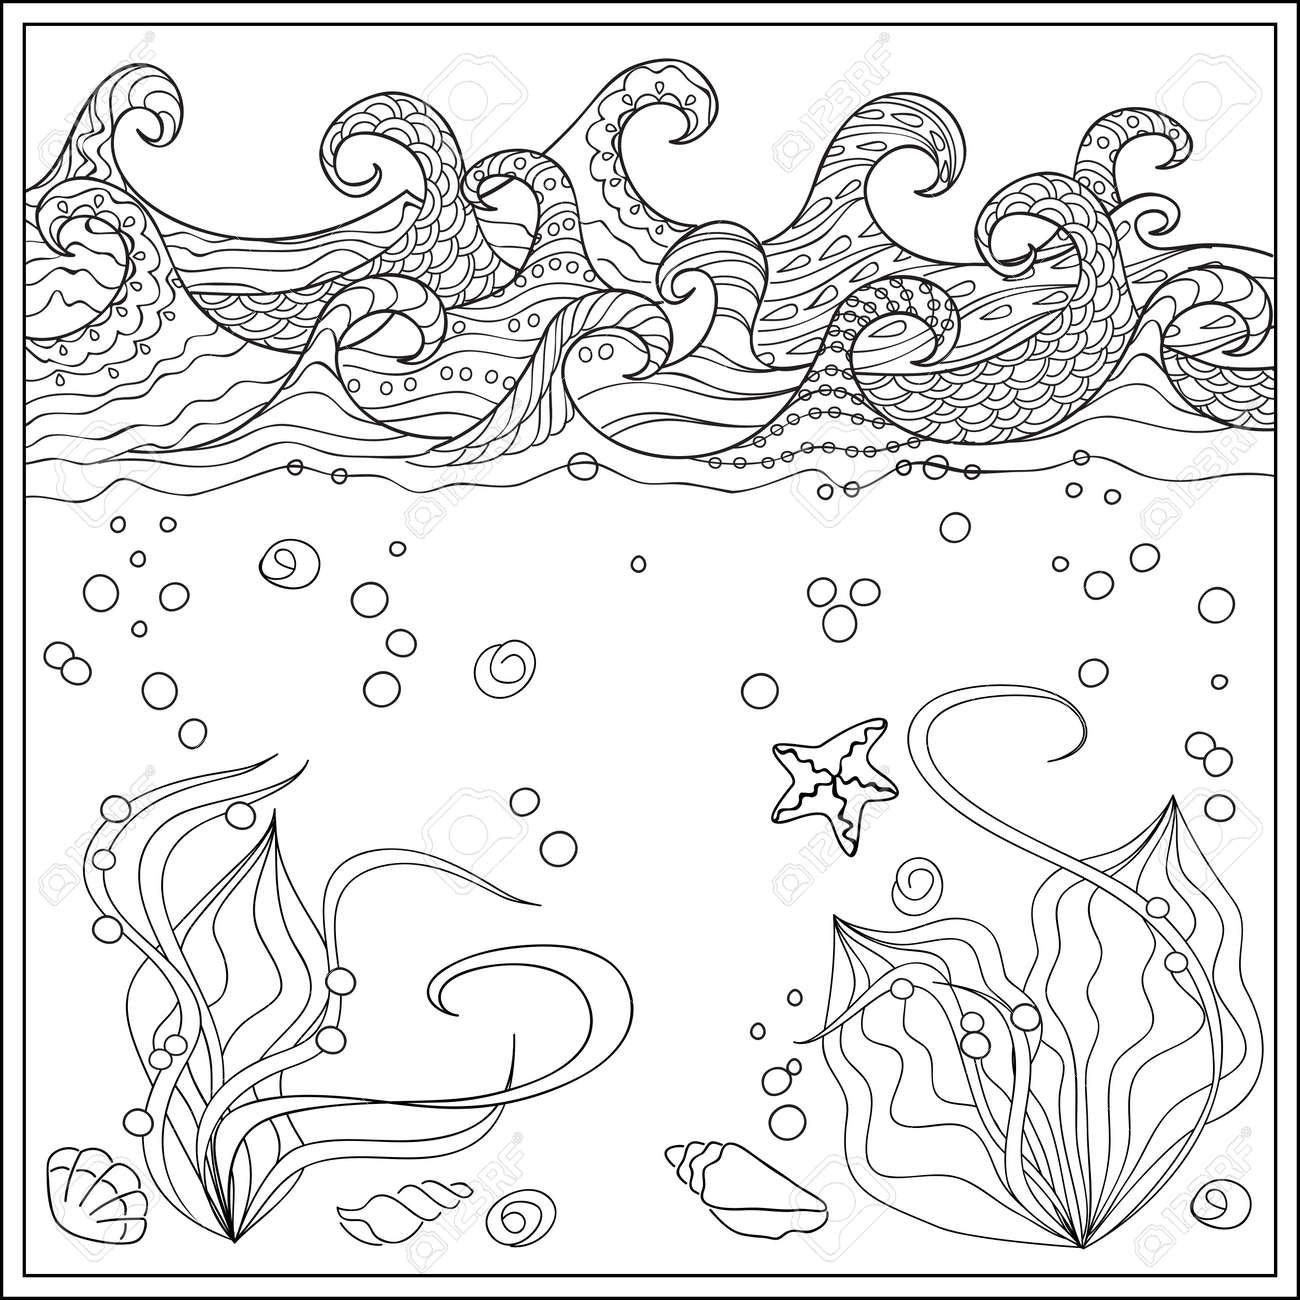 Dibujado A Mano Conchas Marinas En El Océano Con Olas Decoradas Imagen Para Adultos Y Niños Libros Para Colorear Grabado Grabado Bordado